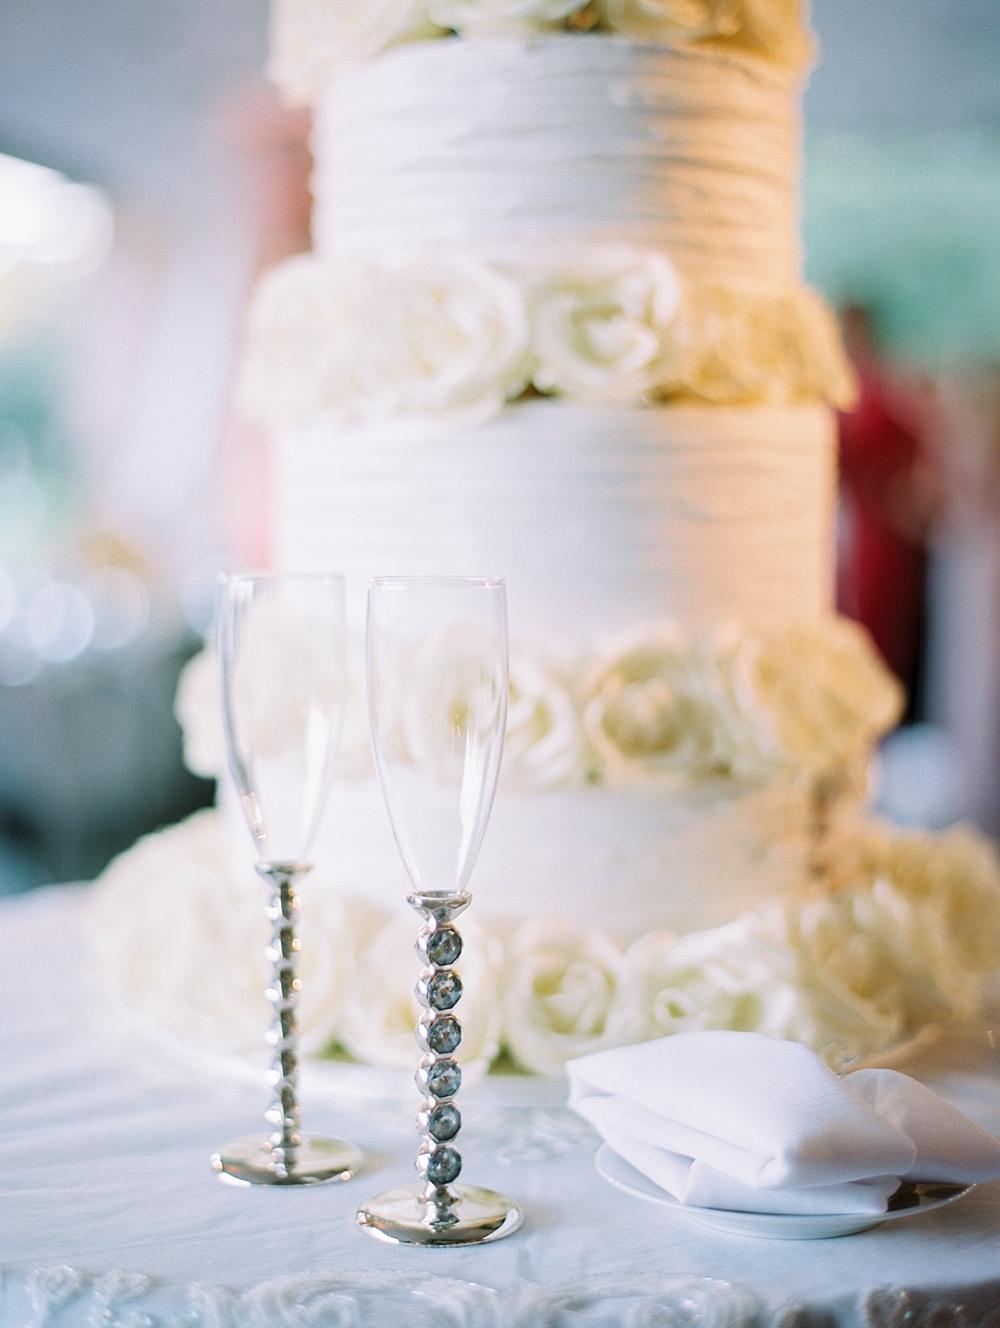 kristin-la-voie-photography-Chicago-Botanic-Garden-Wedding-8-29-21-328